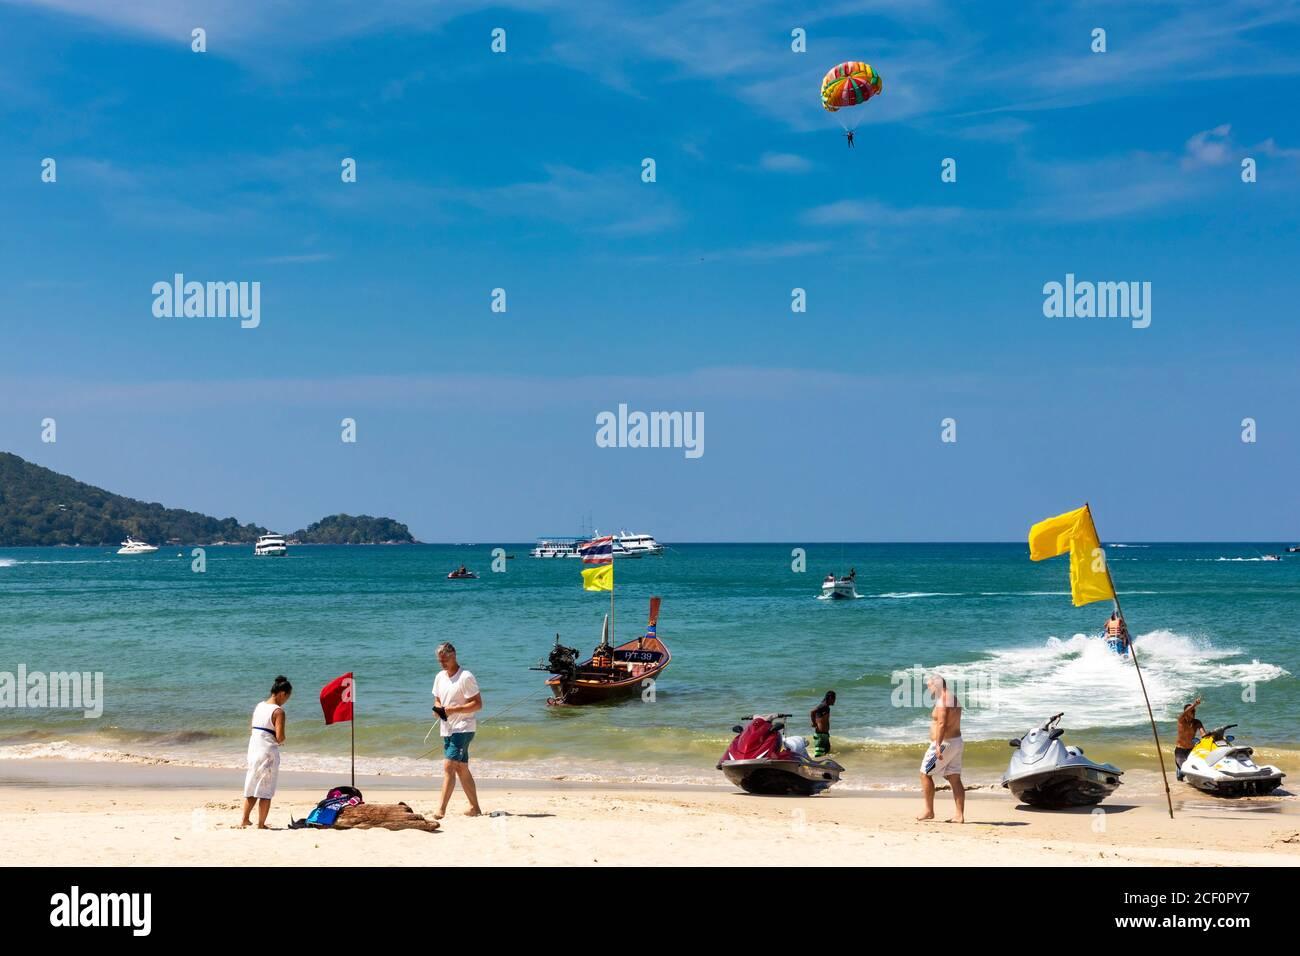 Parachute ascensionnel au-dessus de la mer, Patong Beach, Phuket, Thaïlande Banque D'Images